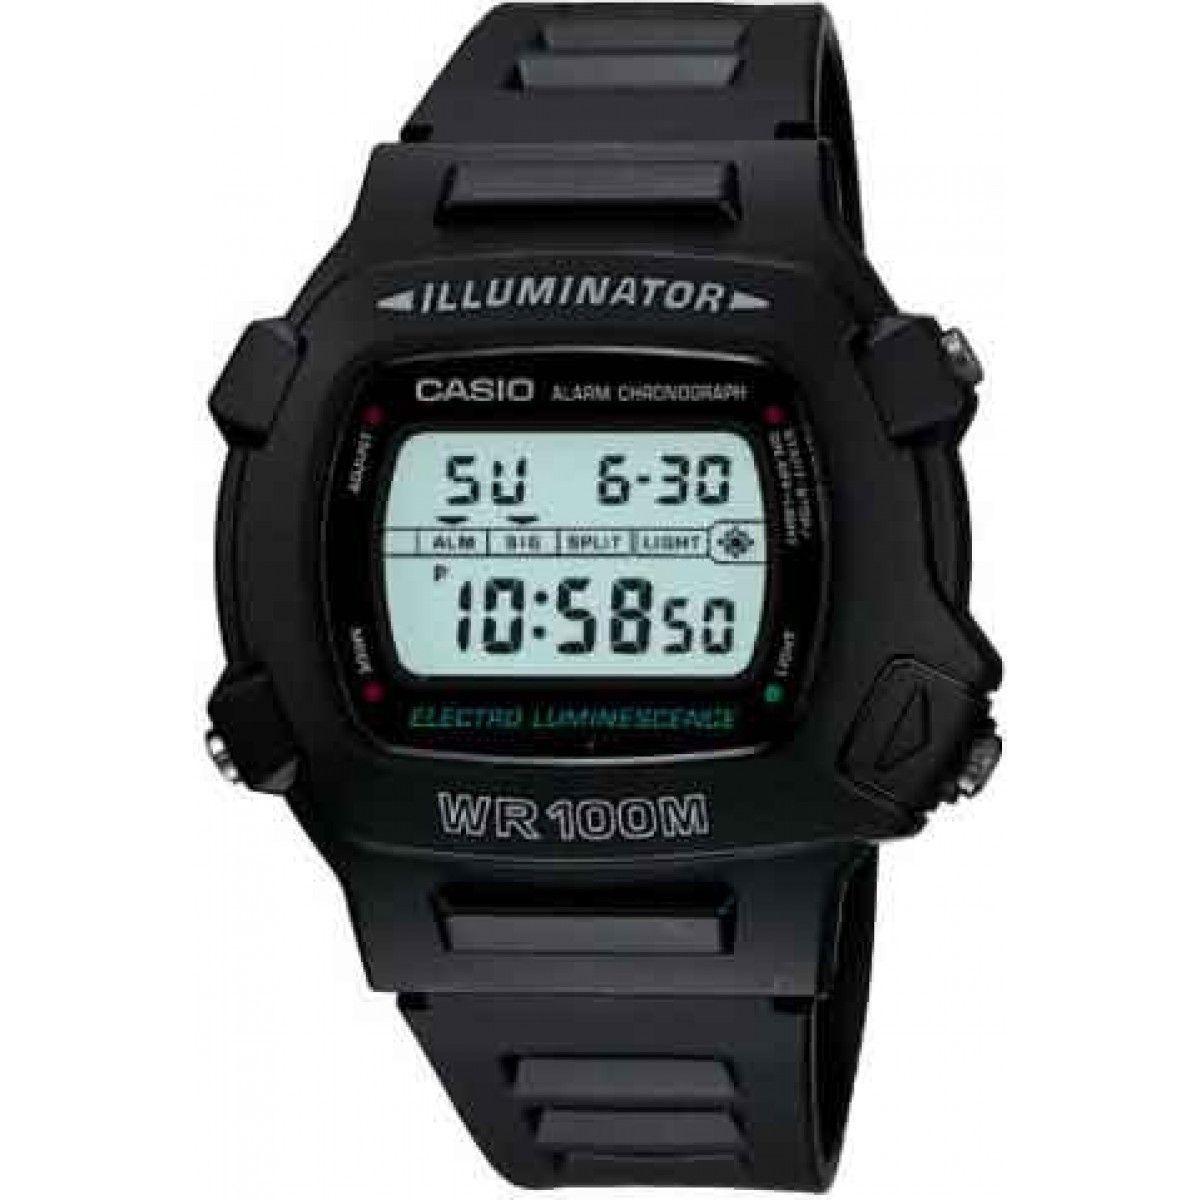 ffc61a0a0d5 Relógio Casio Digital W-740-1VS Preto